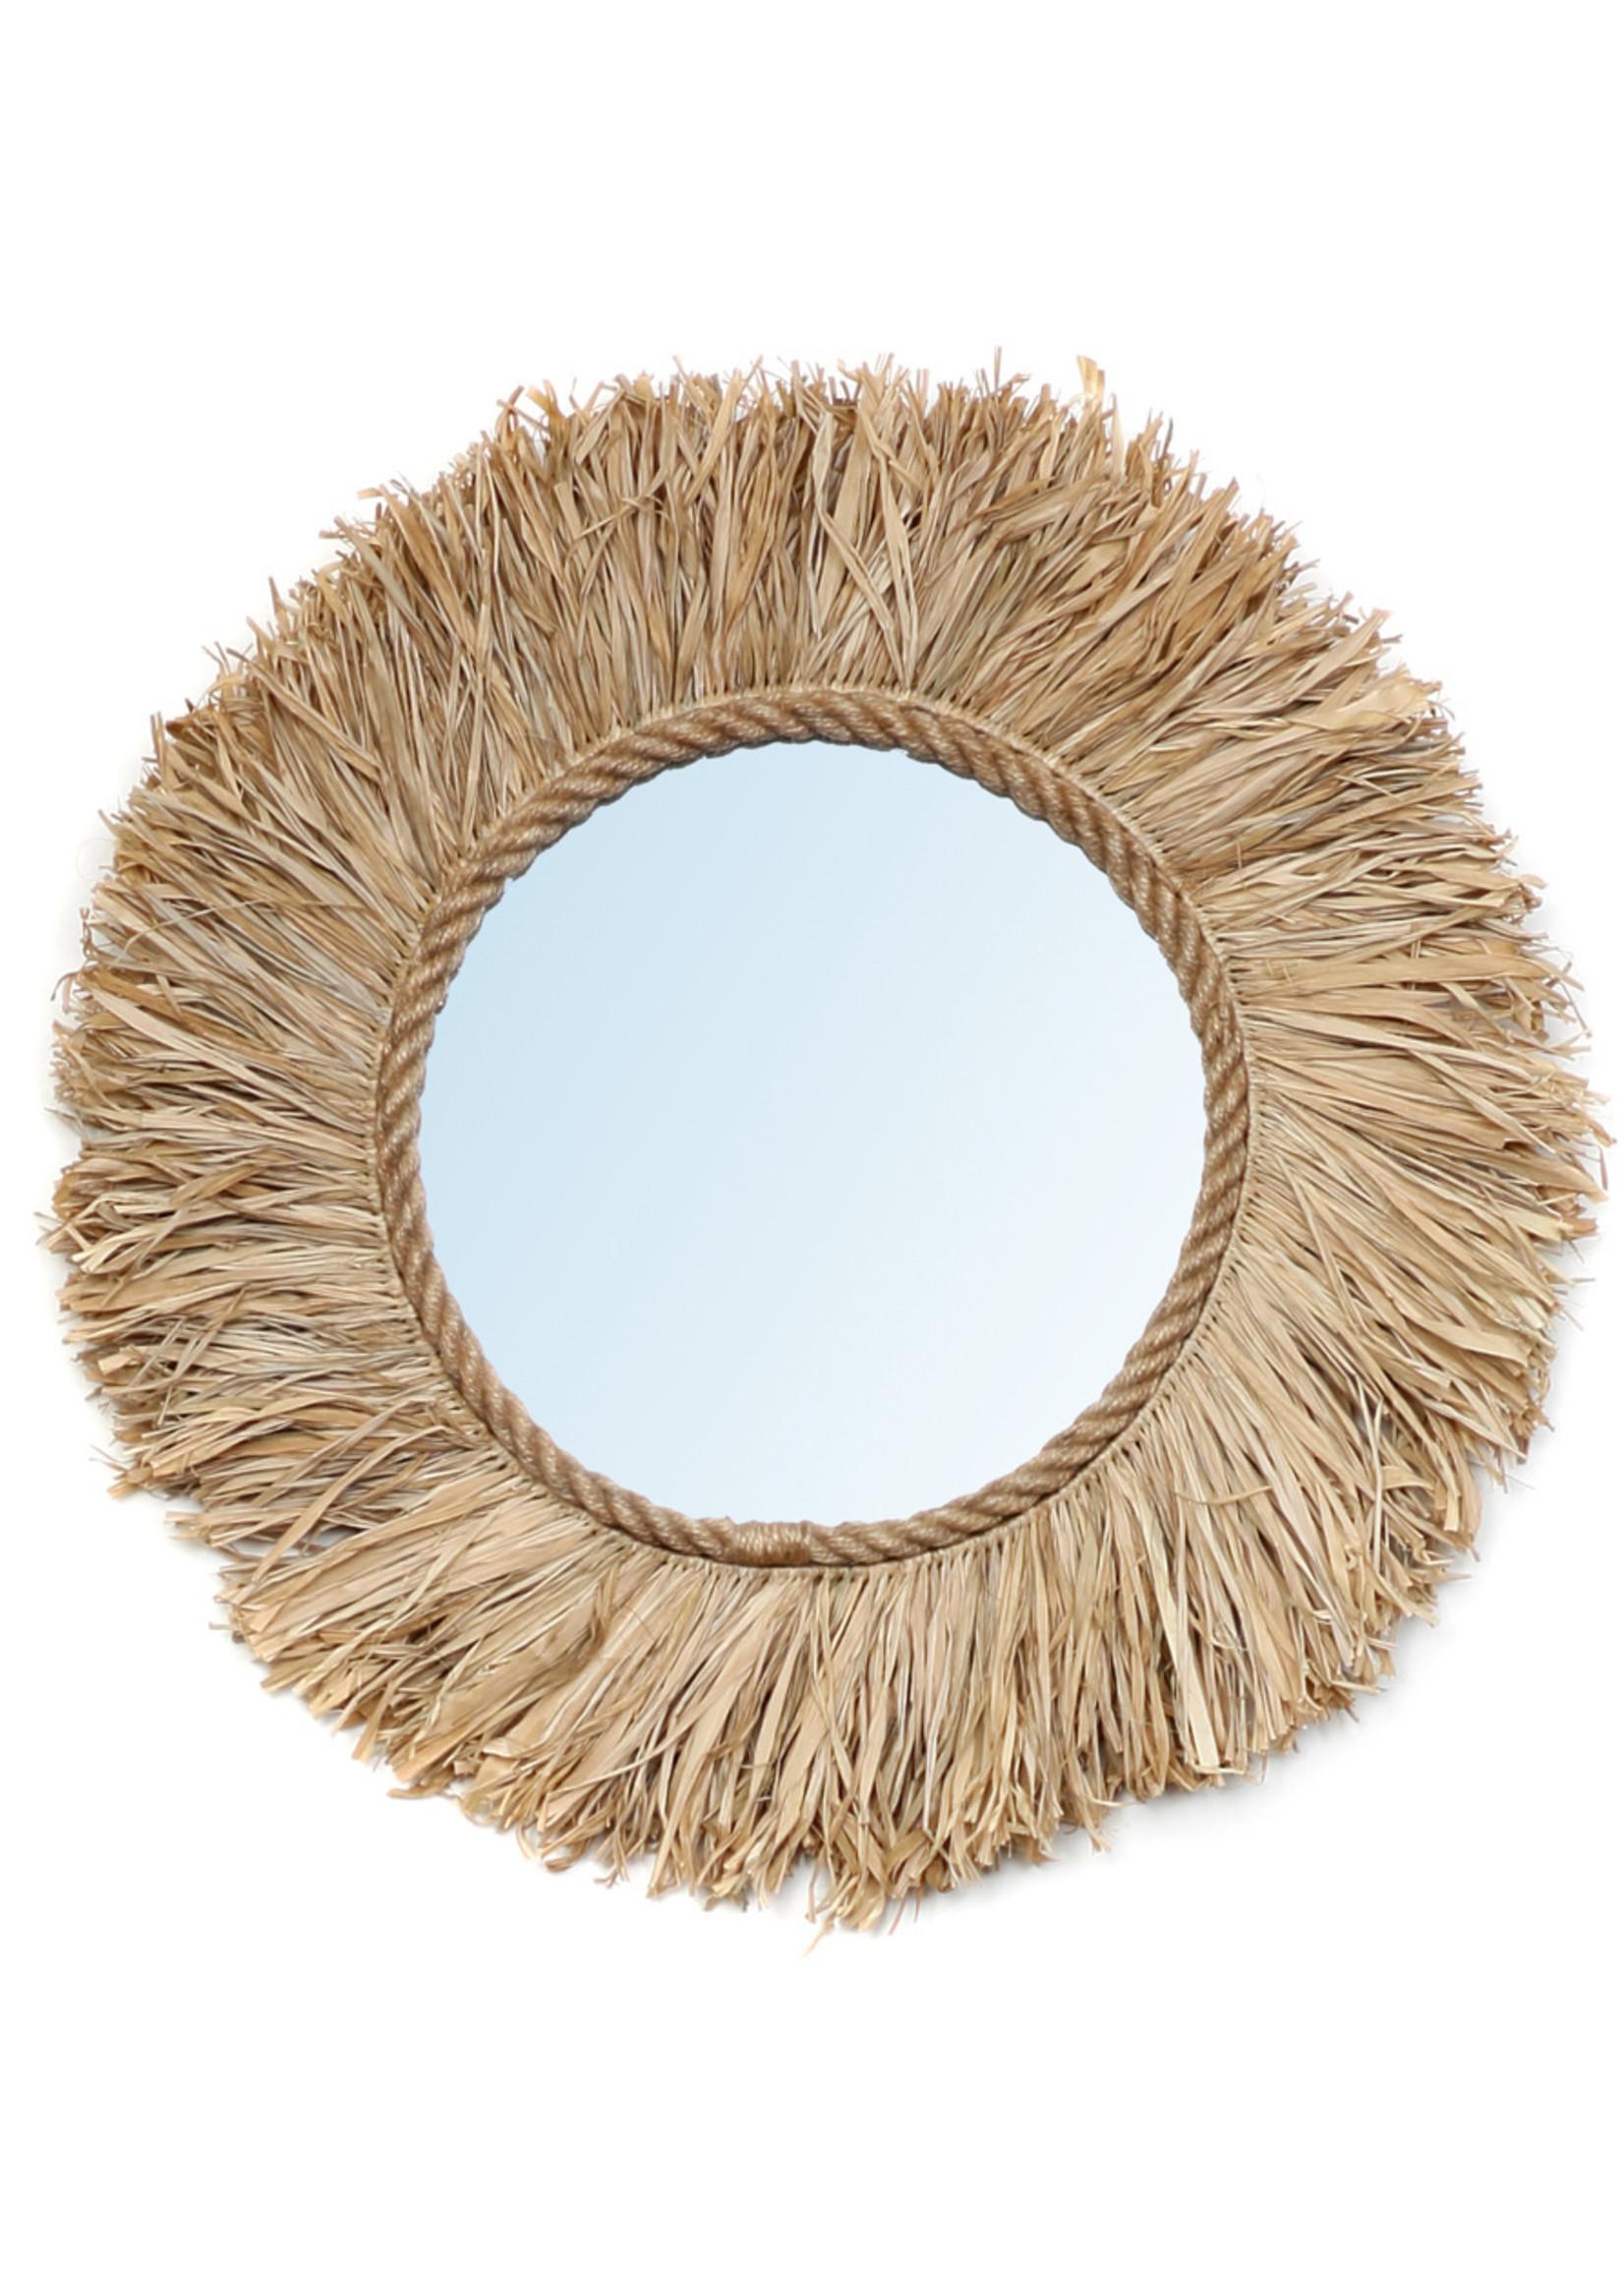 The Haïti Mirror